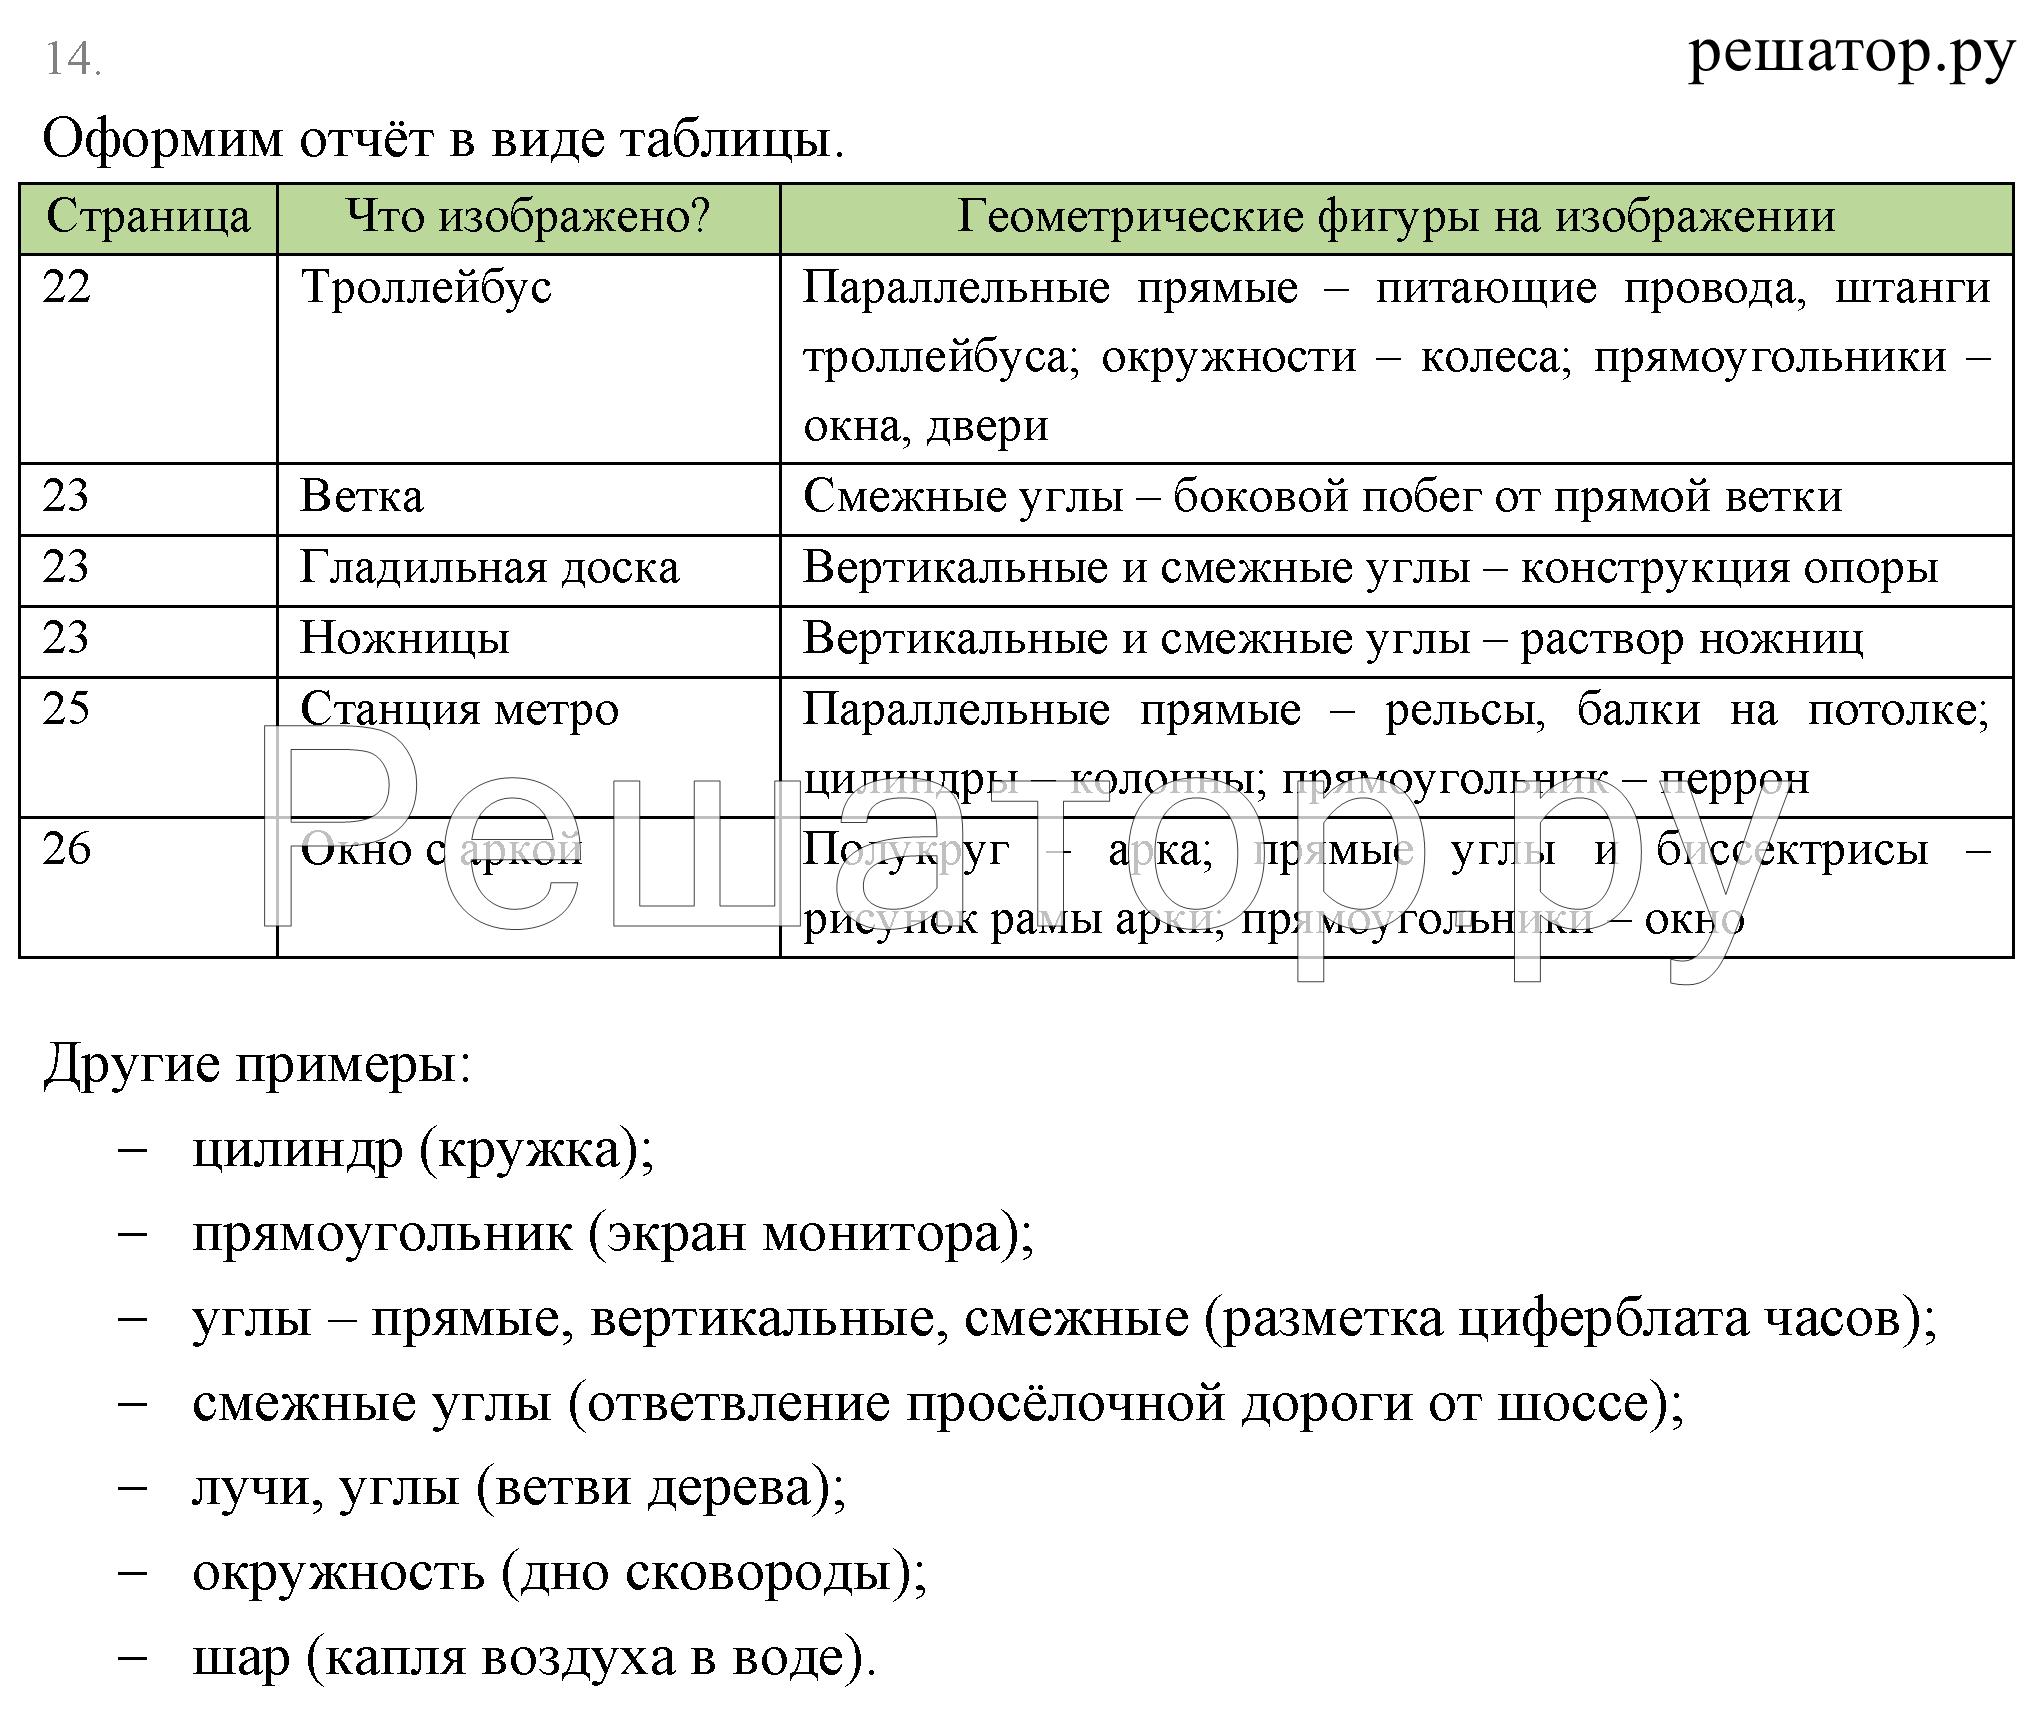 гдз контрольные вопросы по геометрии 7 класс